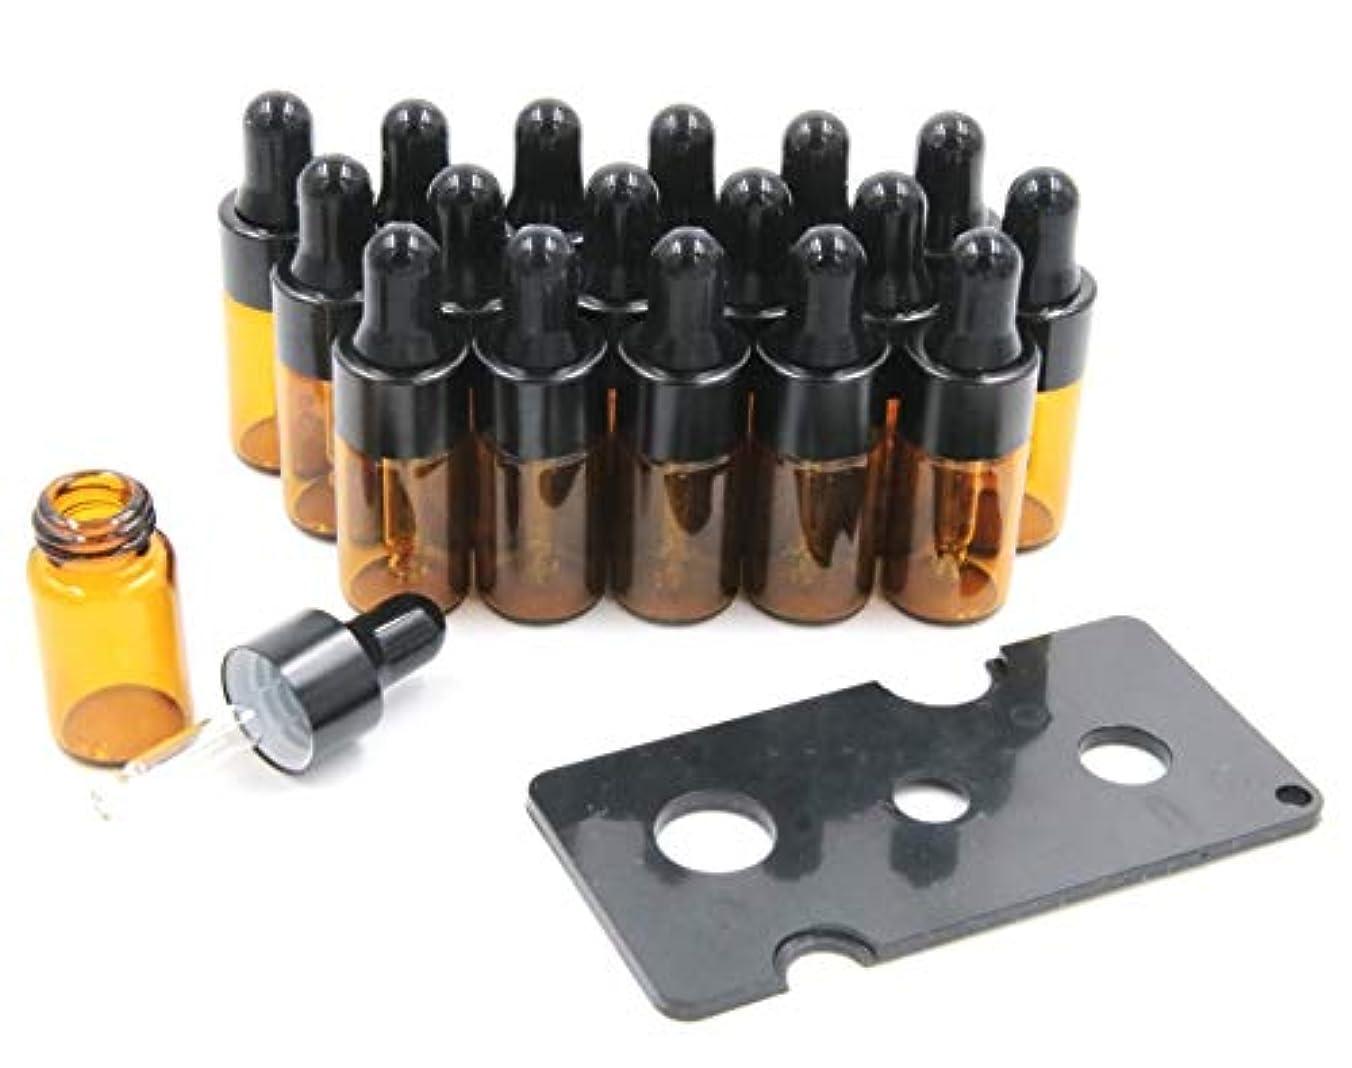 XPdesign アロマ スポイト遮光瓶 アロマオイル 遮光瓶 保存 容器 小分け 詰め替え 香水 ボトル (3ml 18本セット)